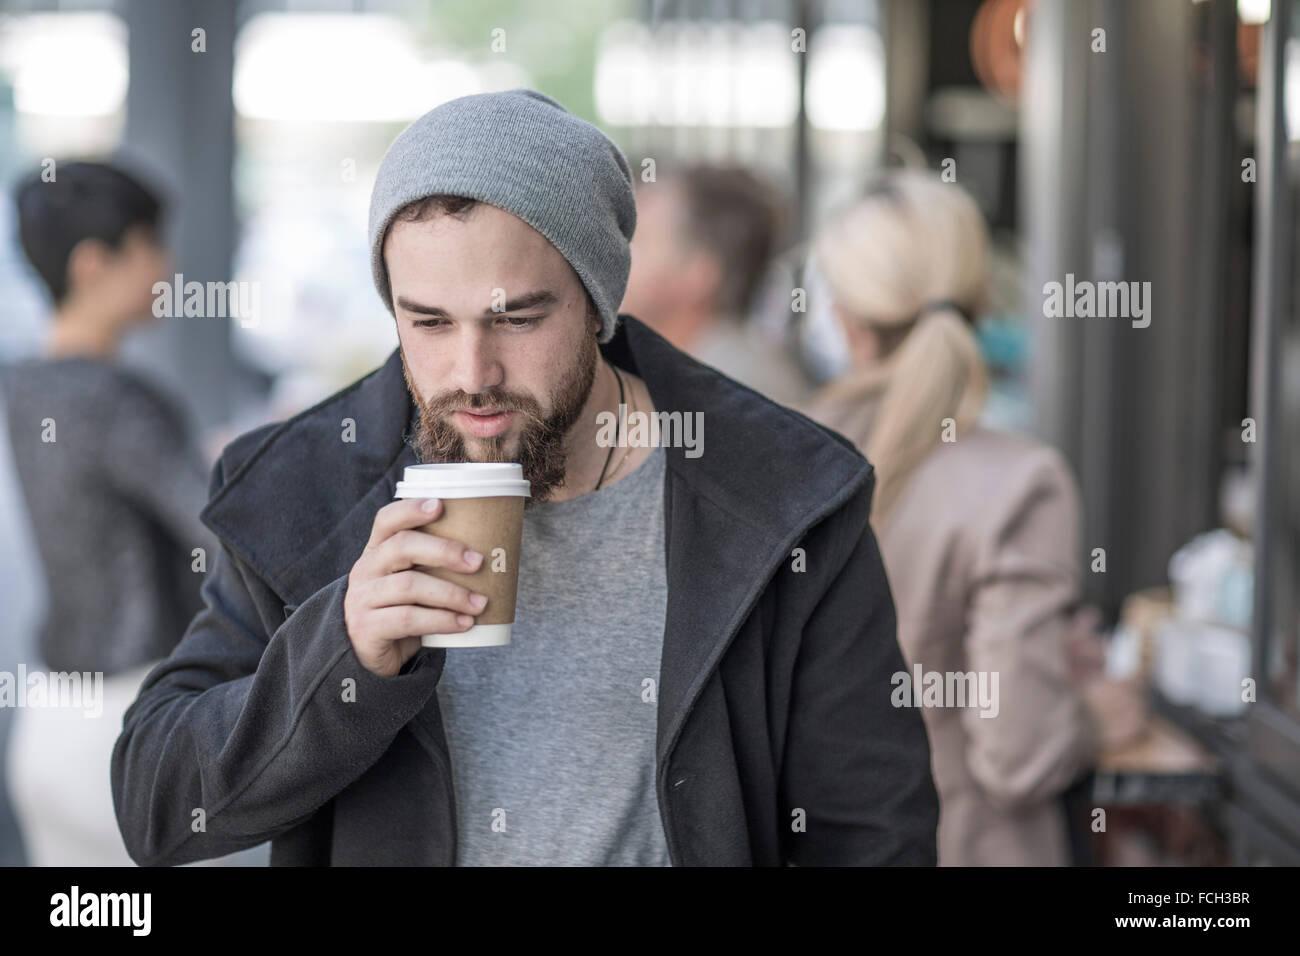 Joven bebiendo café para llevar en la ciudad Imagen De Stock